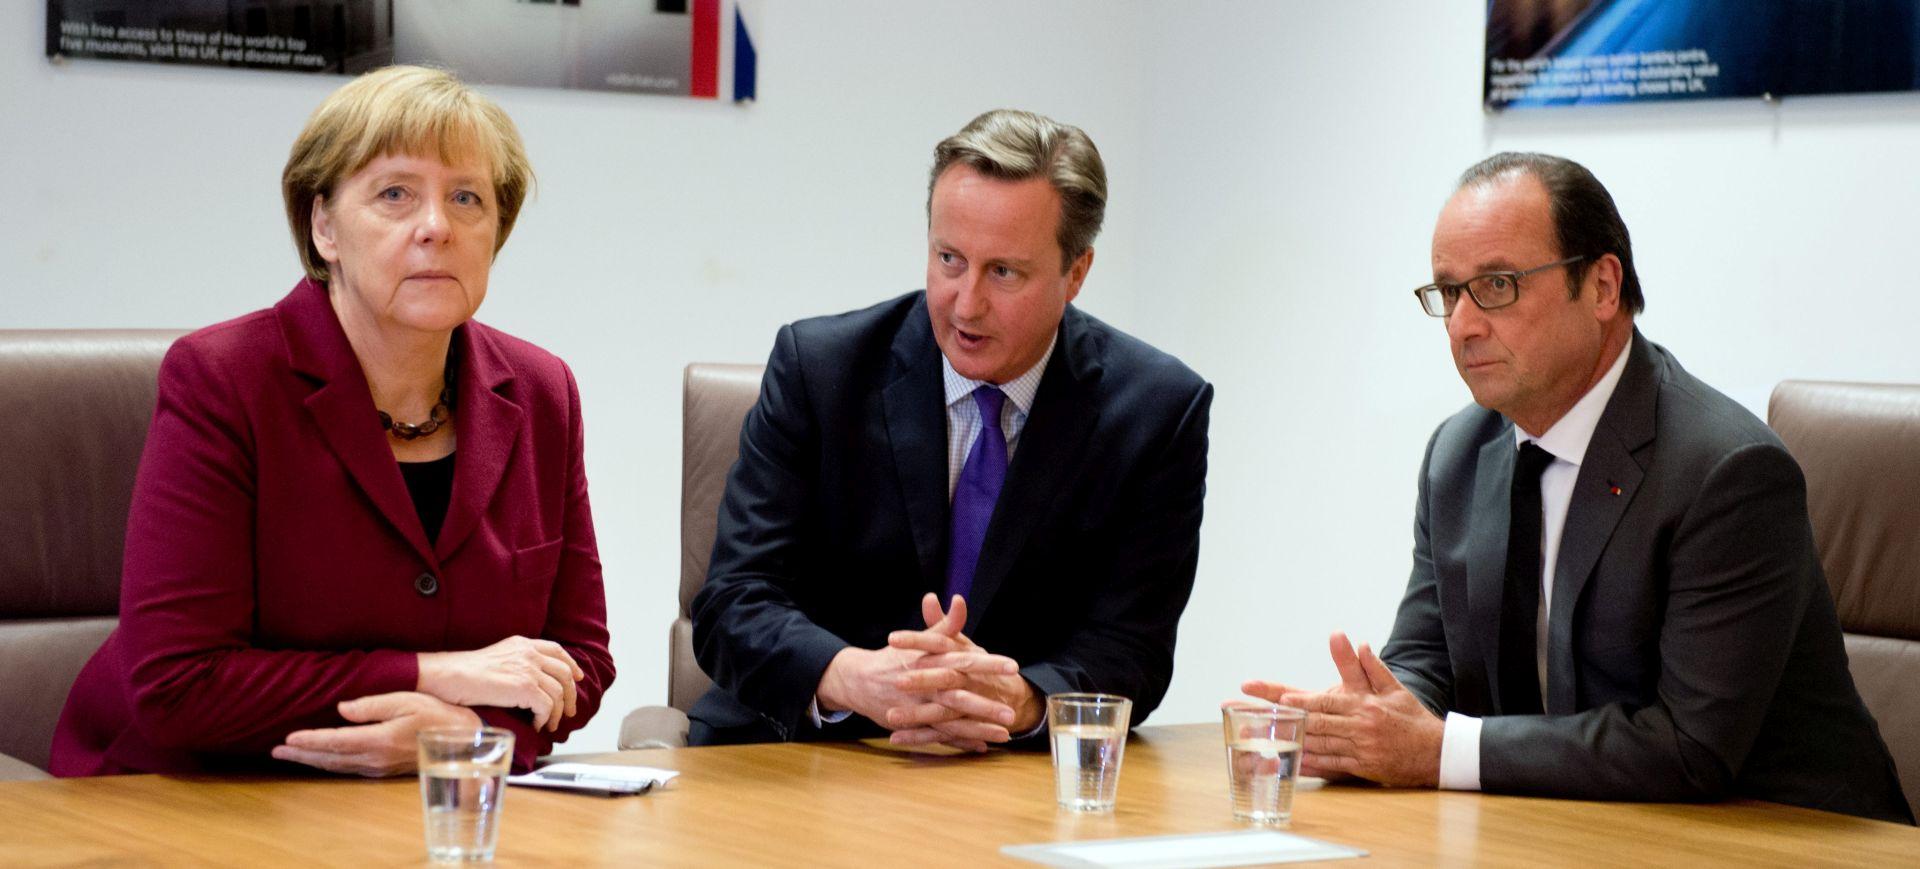 Hollande, Merkel i Cameron u potrazi za zajedničkim stajalištem o Siriji